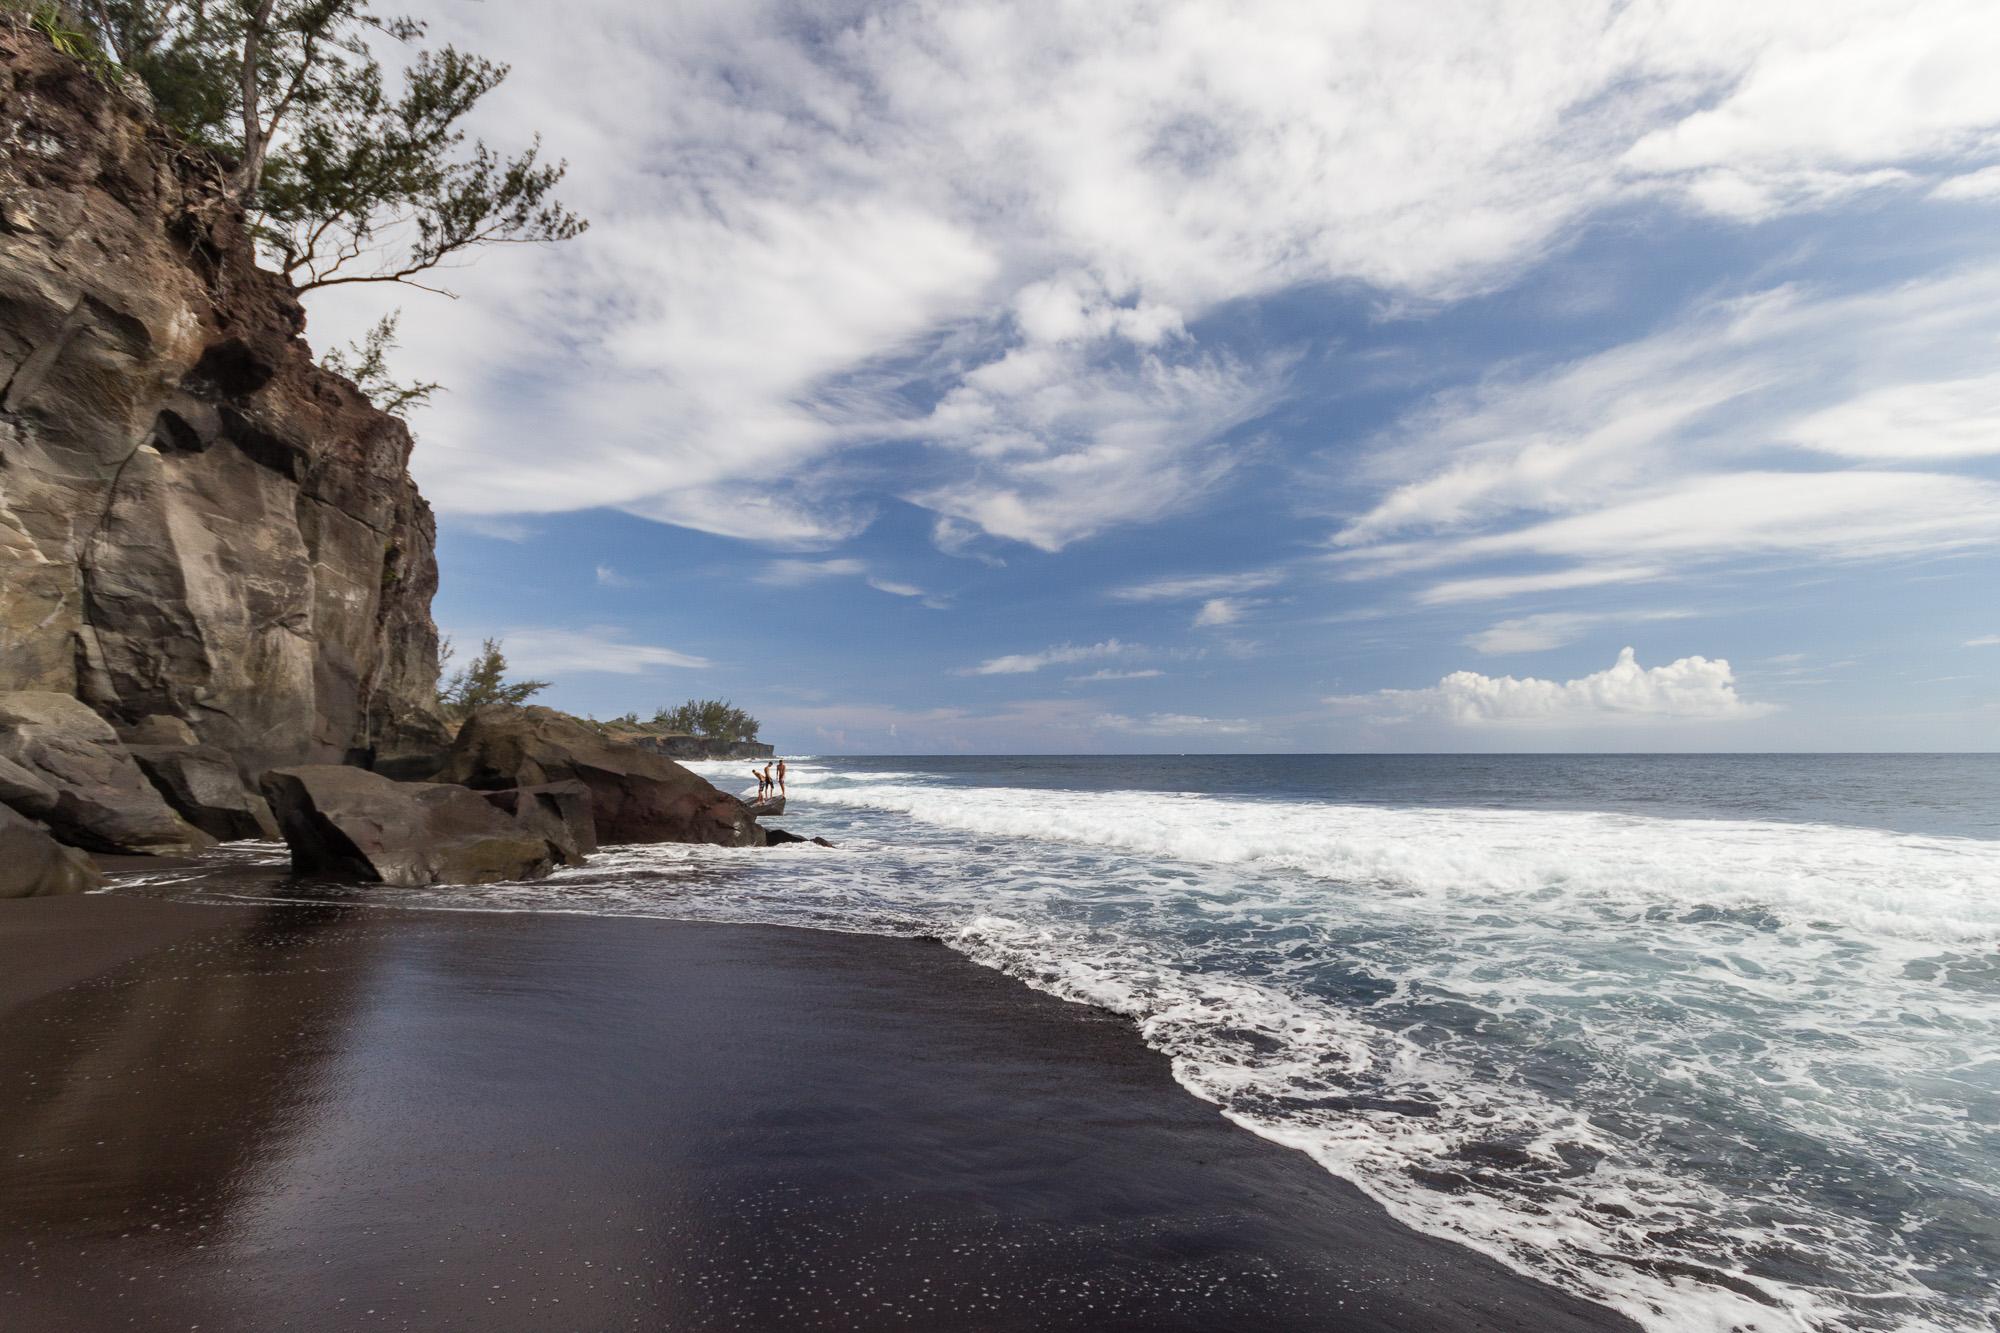 plage de sable noir, sud est réunion